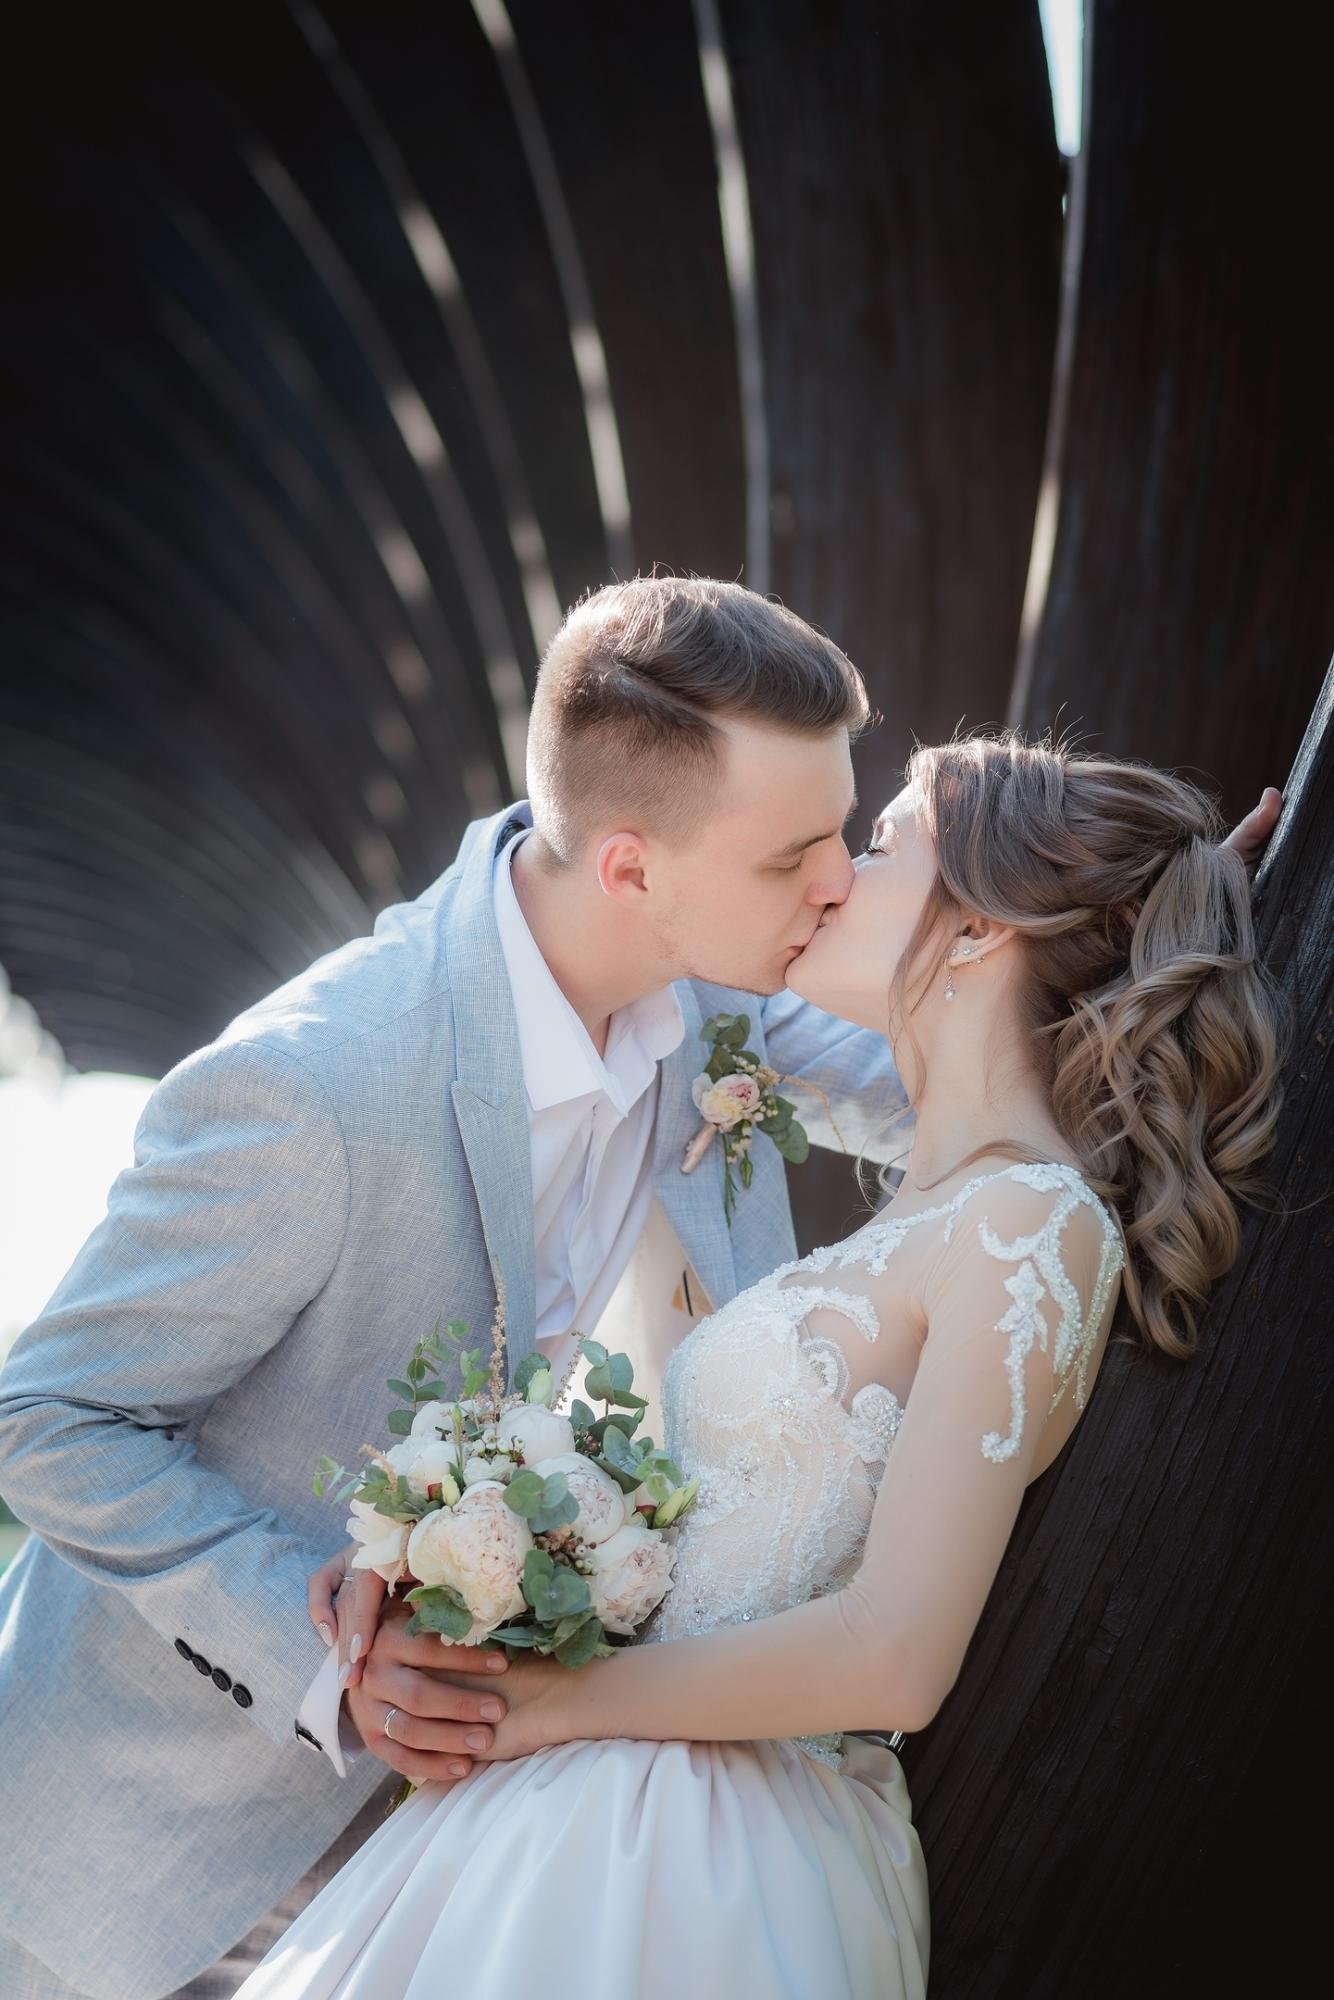 курсы свадебного фотографа москва потоотделения при